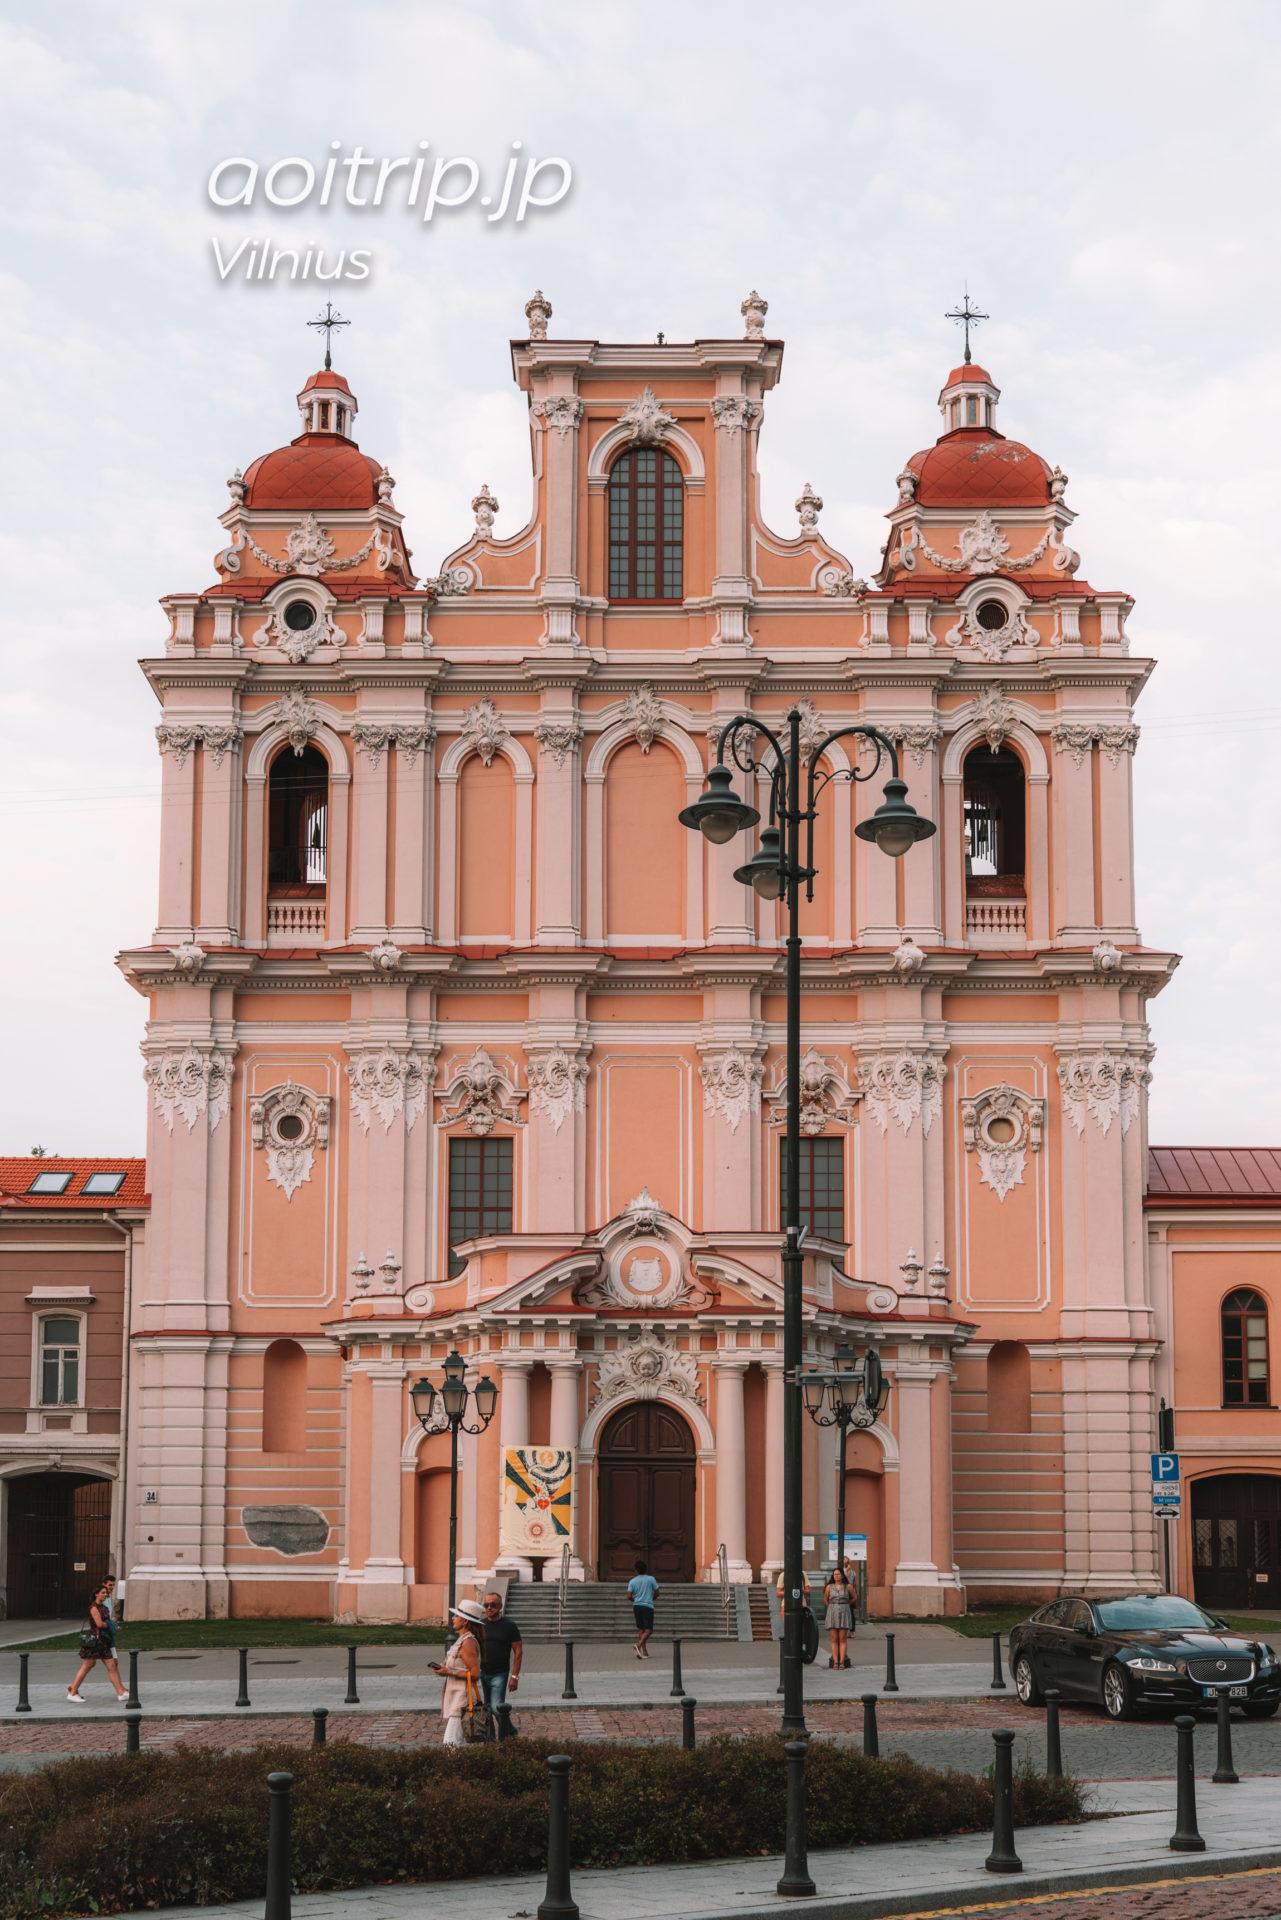 ヴィリニュスの聖カジミエル教会